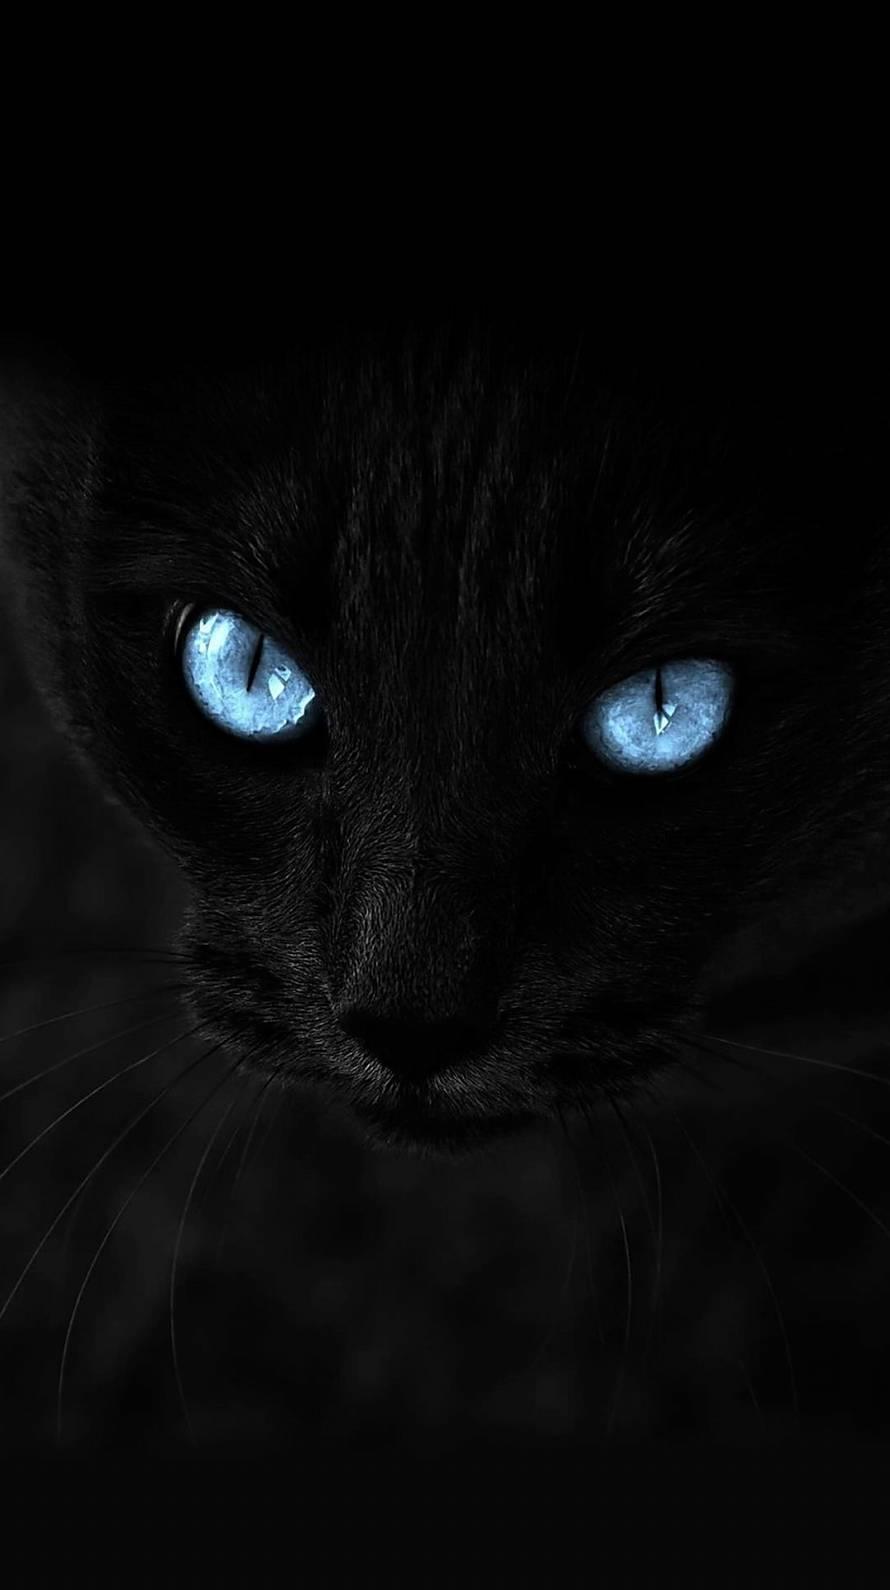 凛々しい黒猫 iPhone6壁紙